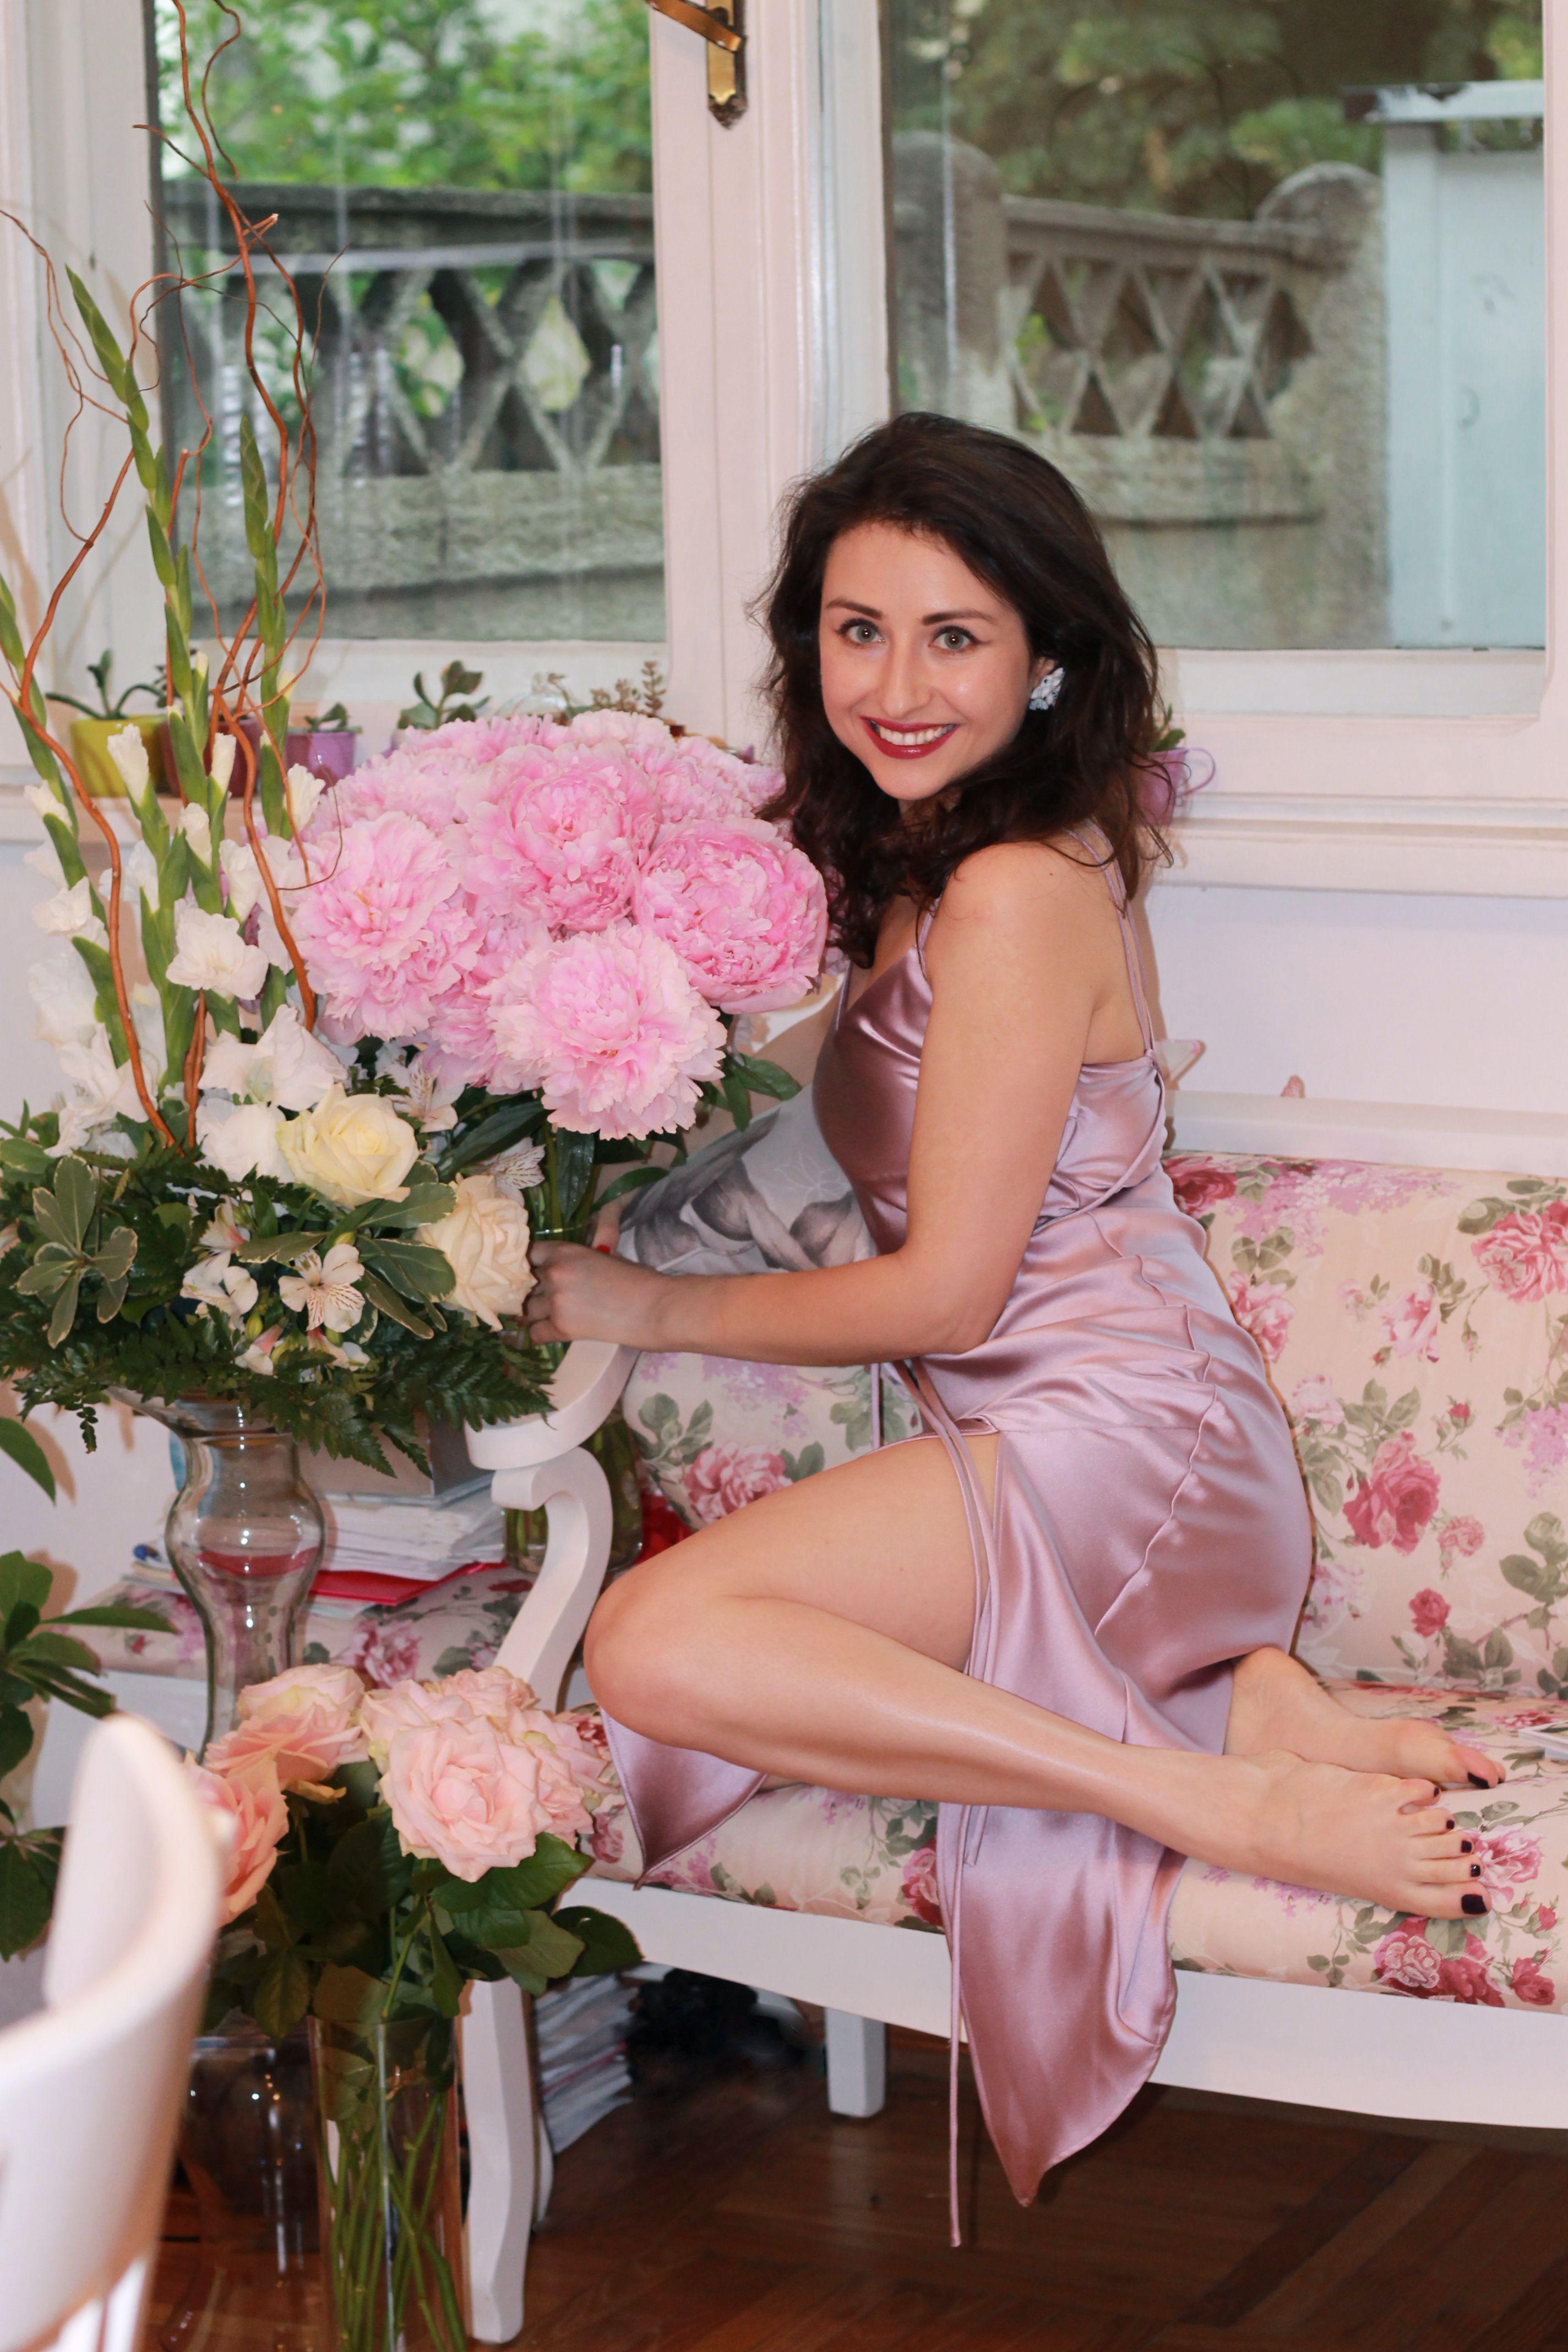 Peonies love | Flowers | Pinterest